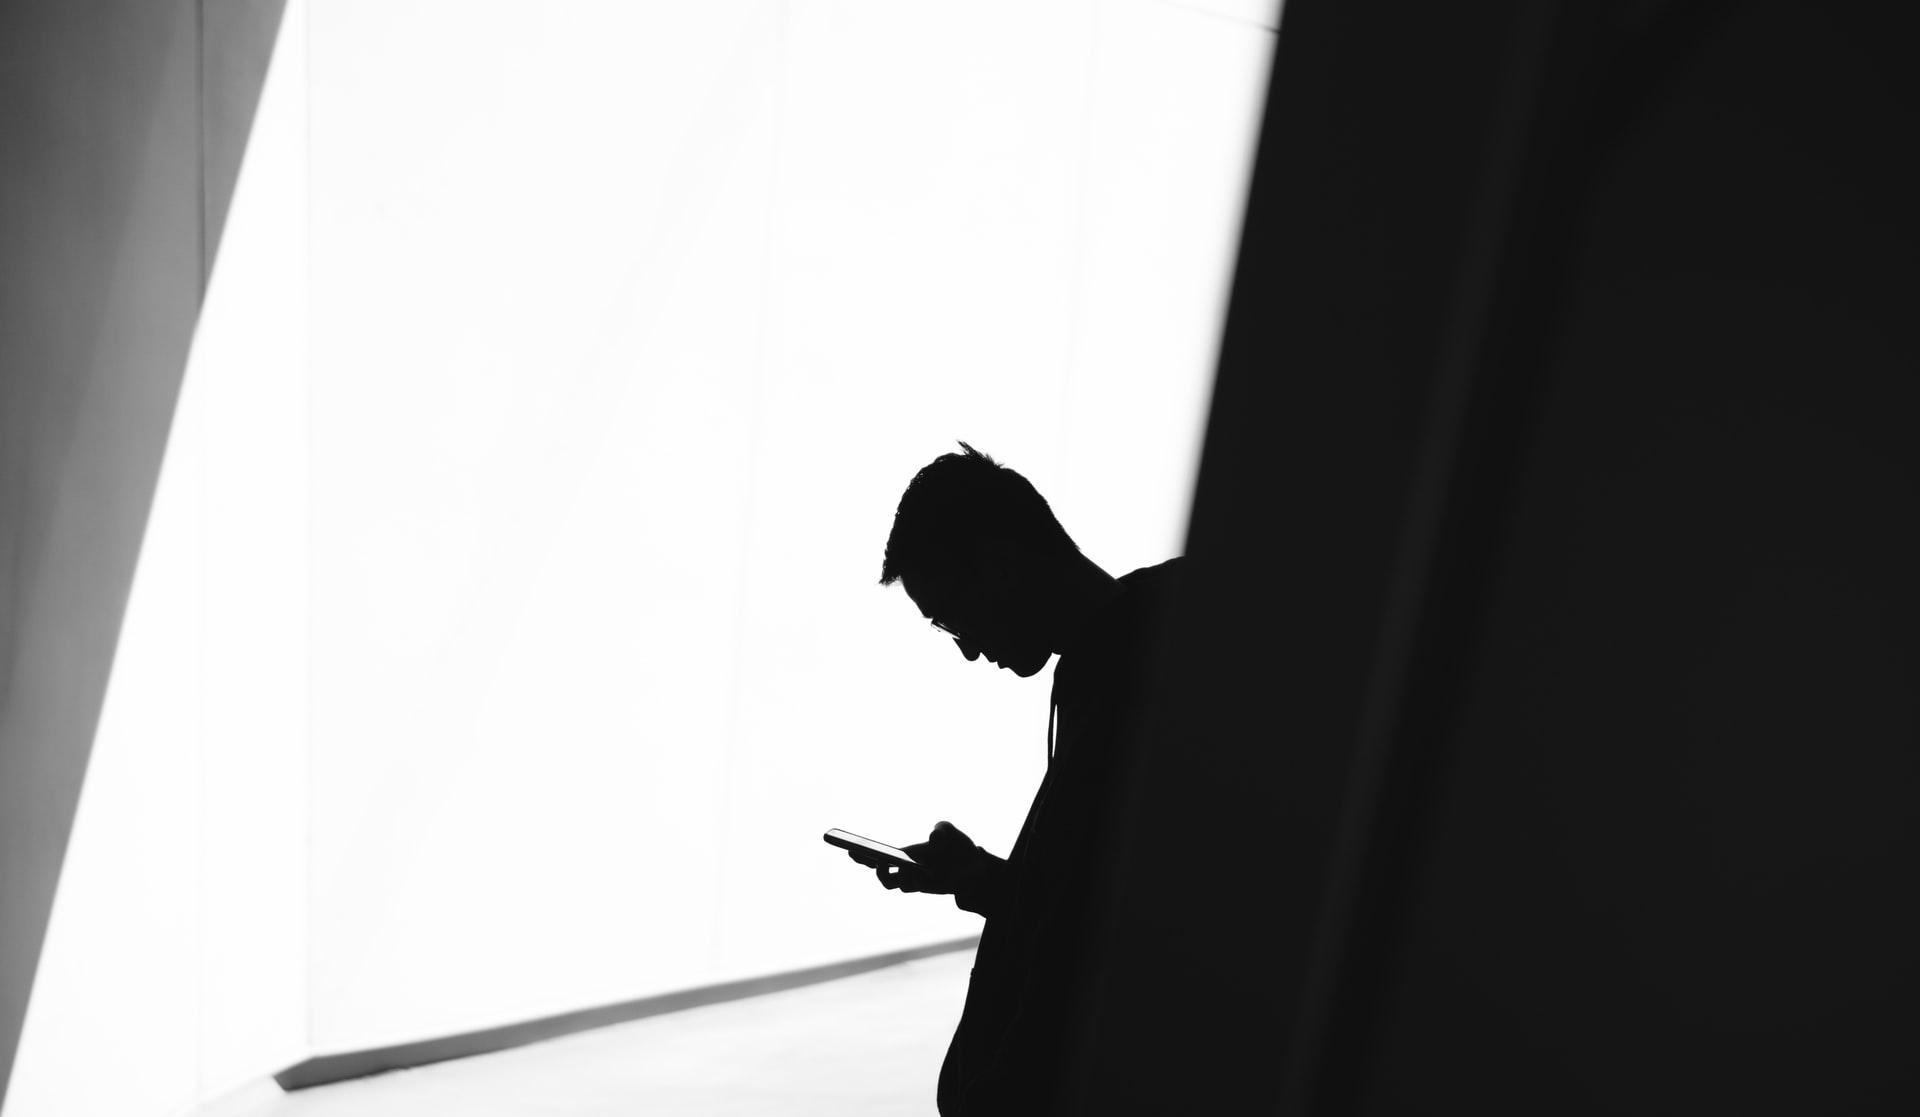 Roszczenia z tytułu naruszenia prawa konkurencji a ujawnianie informacji poufnych